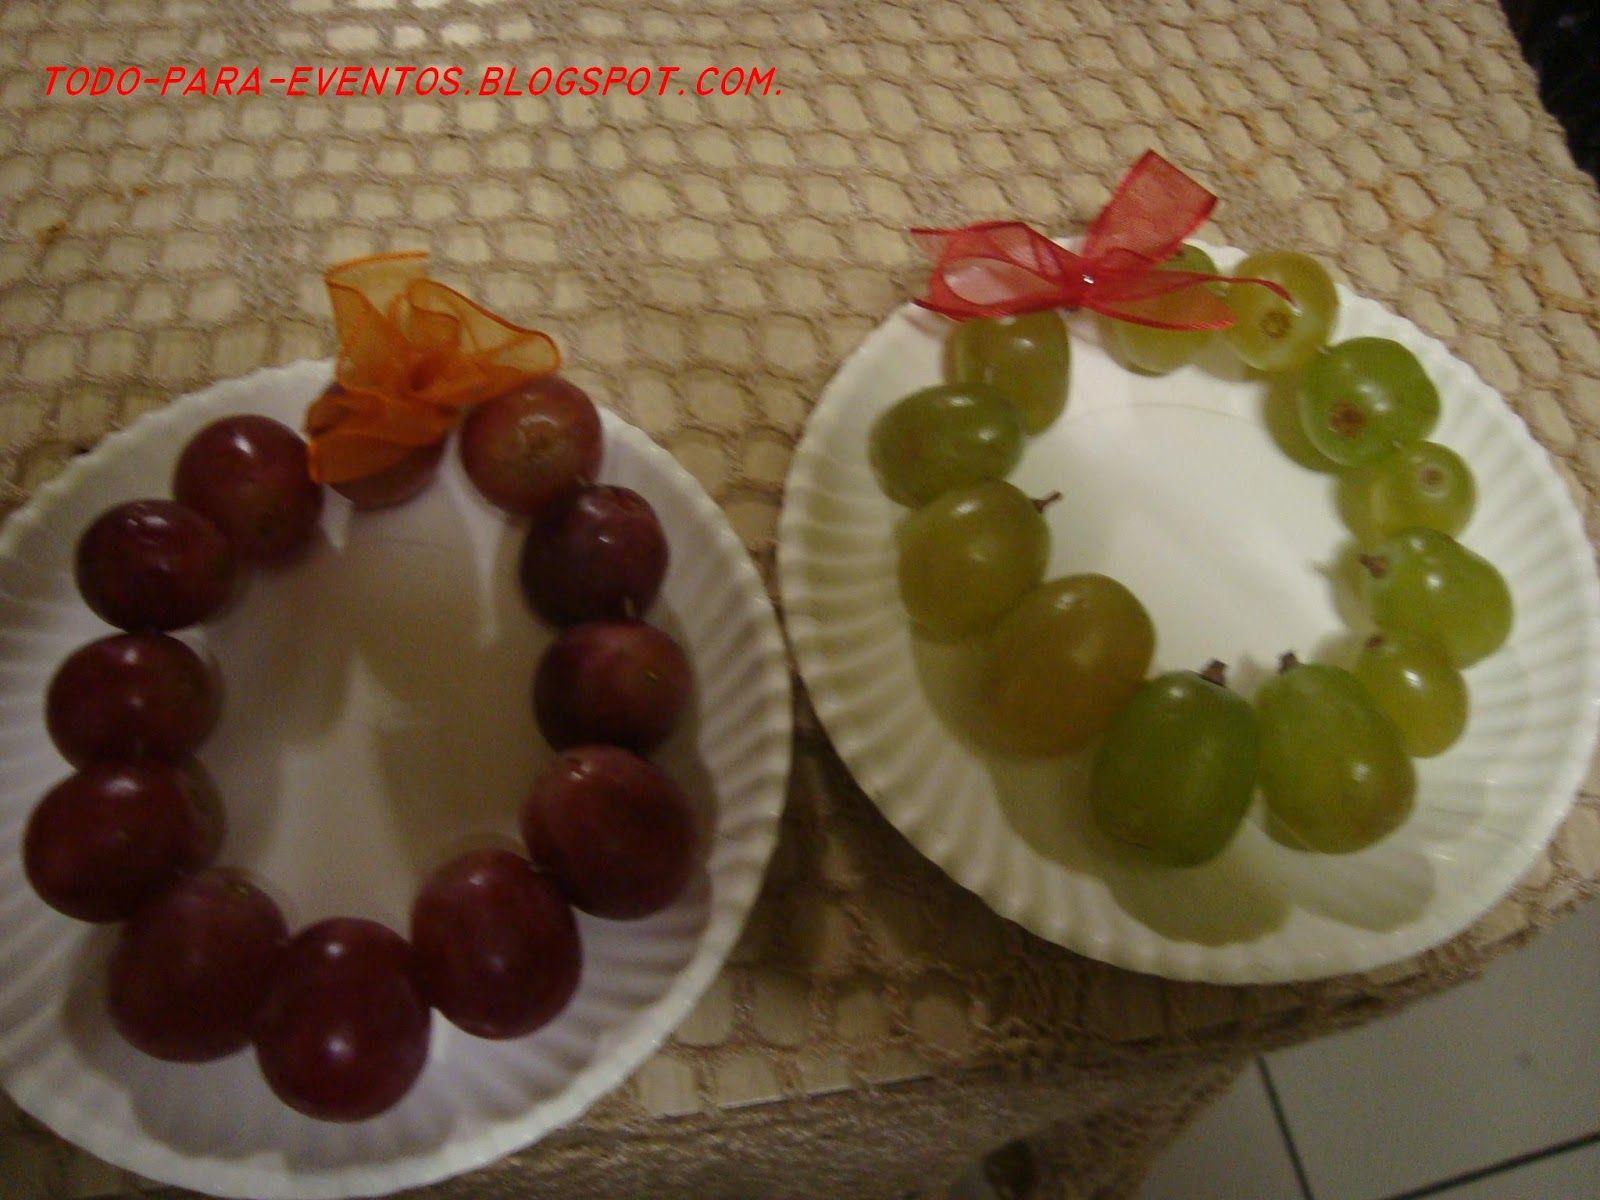 Arreglos de ano nuvo originales coronas de uvas para for Decoracion 31 de diciembre